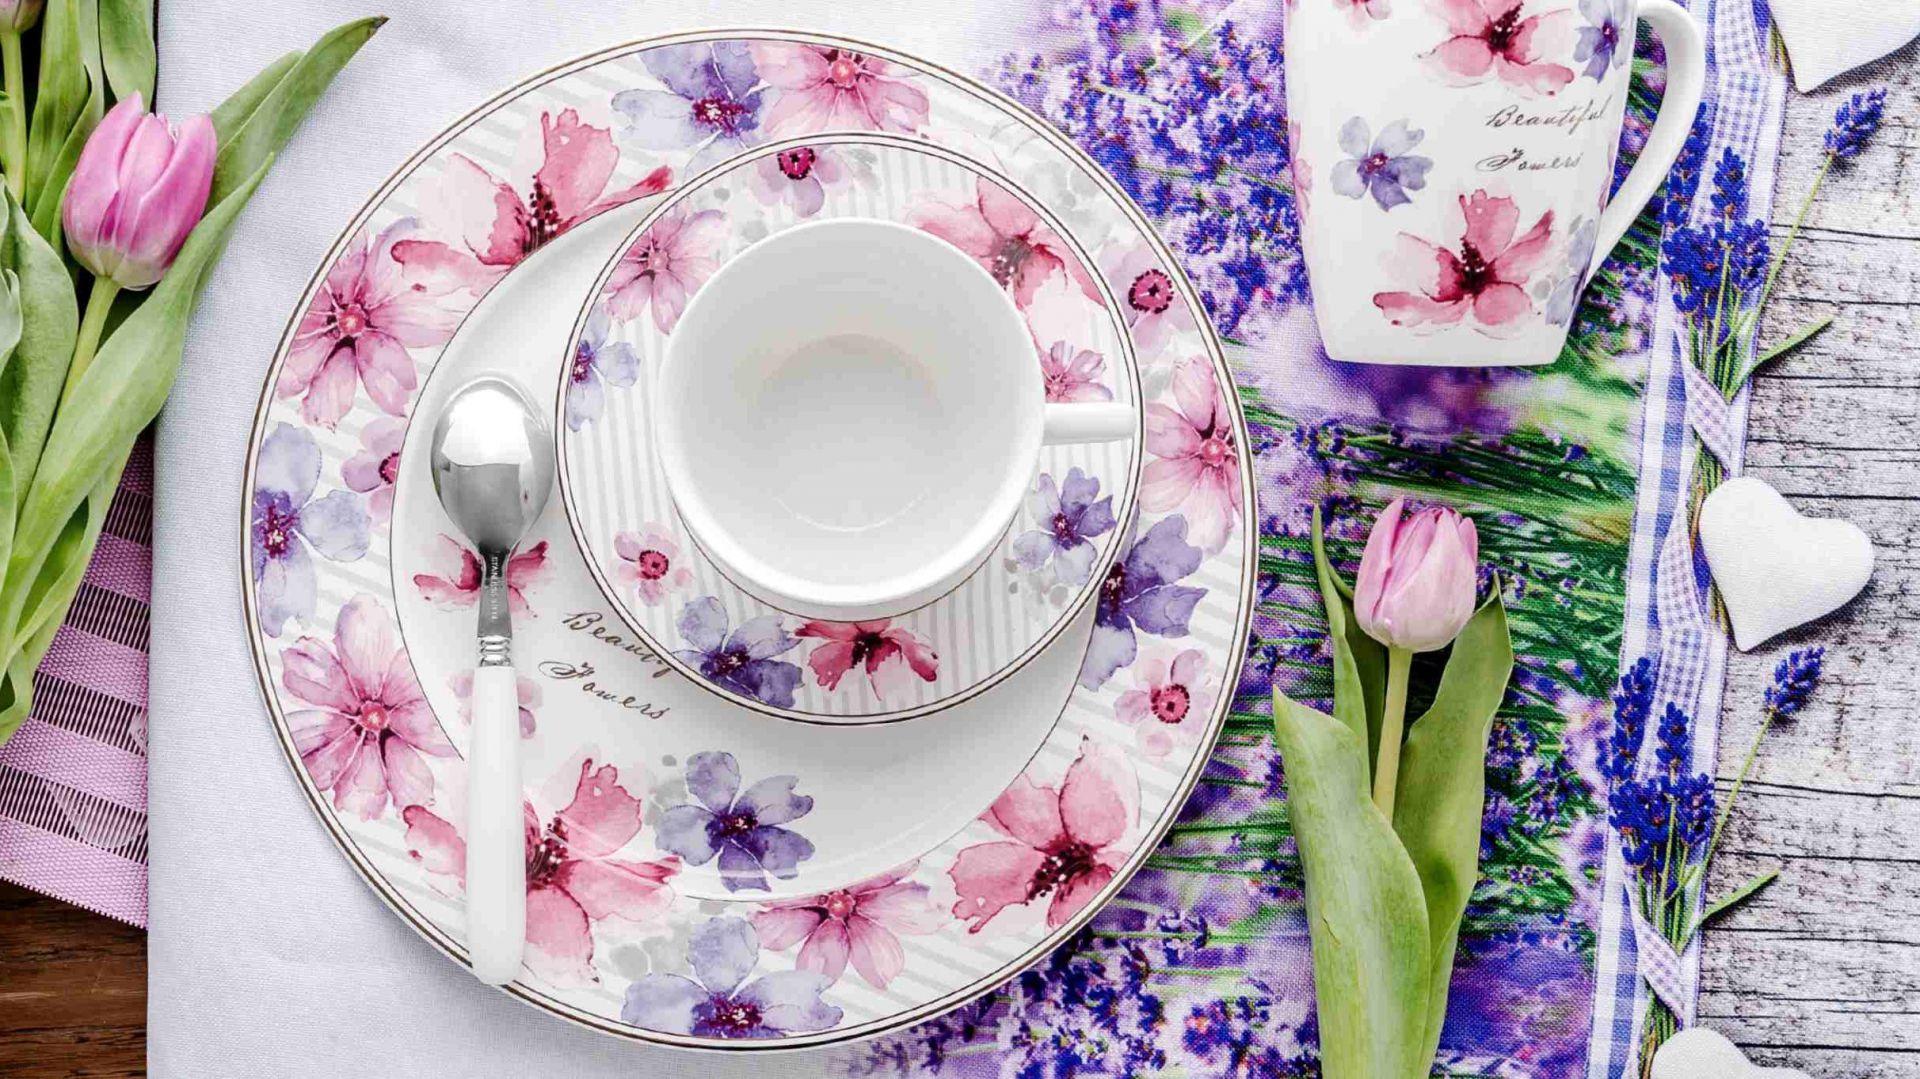 Porcelanowa zastawa stołowa Lisse zachwyca zdobieniem w barwne, kwieciste wzory oraz subtelnym wykończeniem złocistą linią na brzegach naczyń. Fot. Home&You